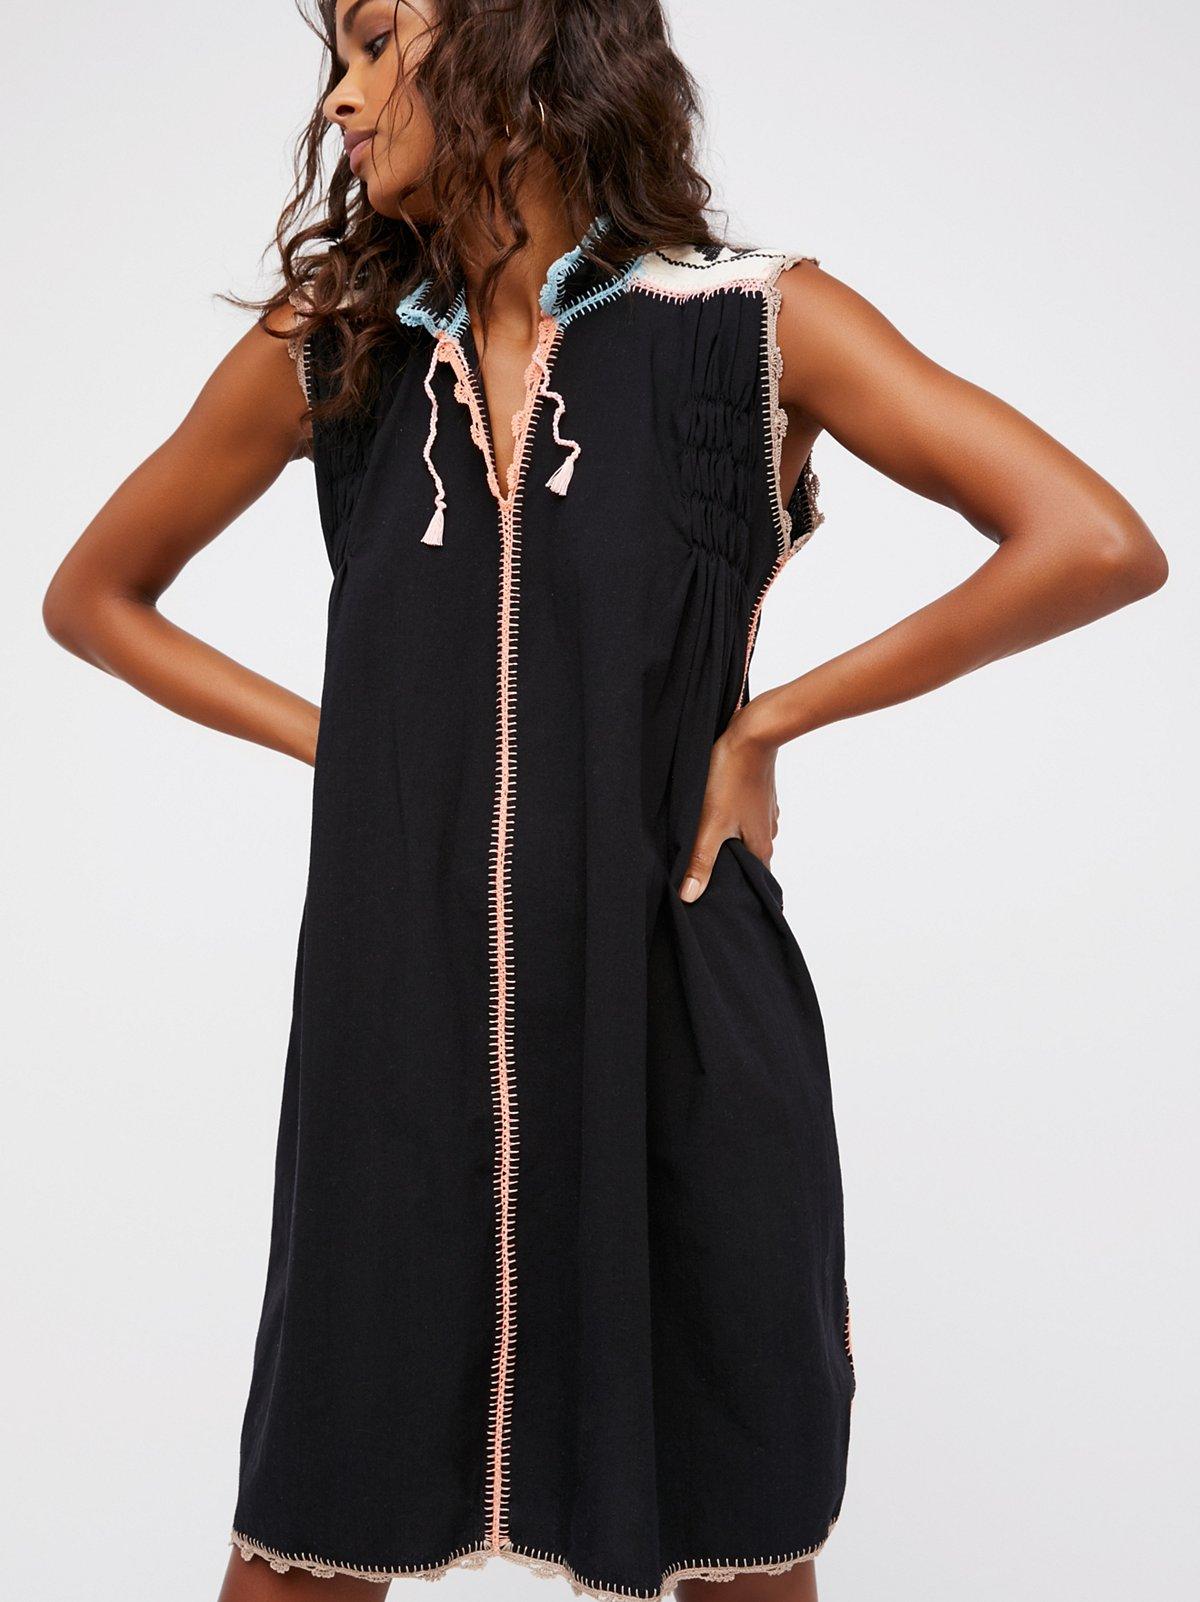 Oaxaca Crochet Dress